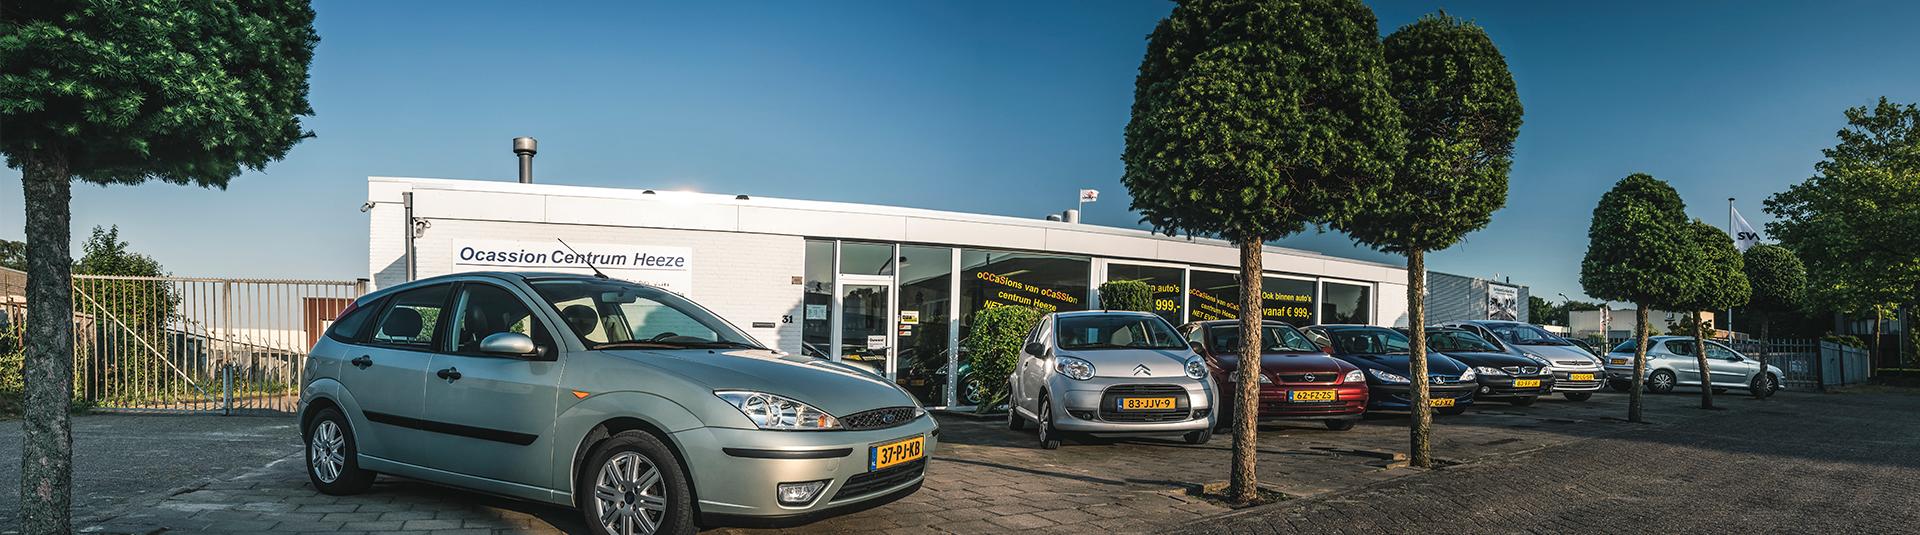 Ocassion Centrum Heeze, Dé specialist in de goedkopere prijsklasse.